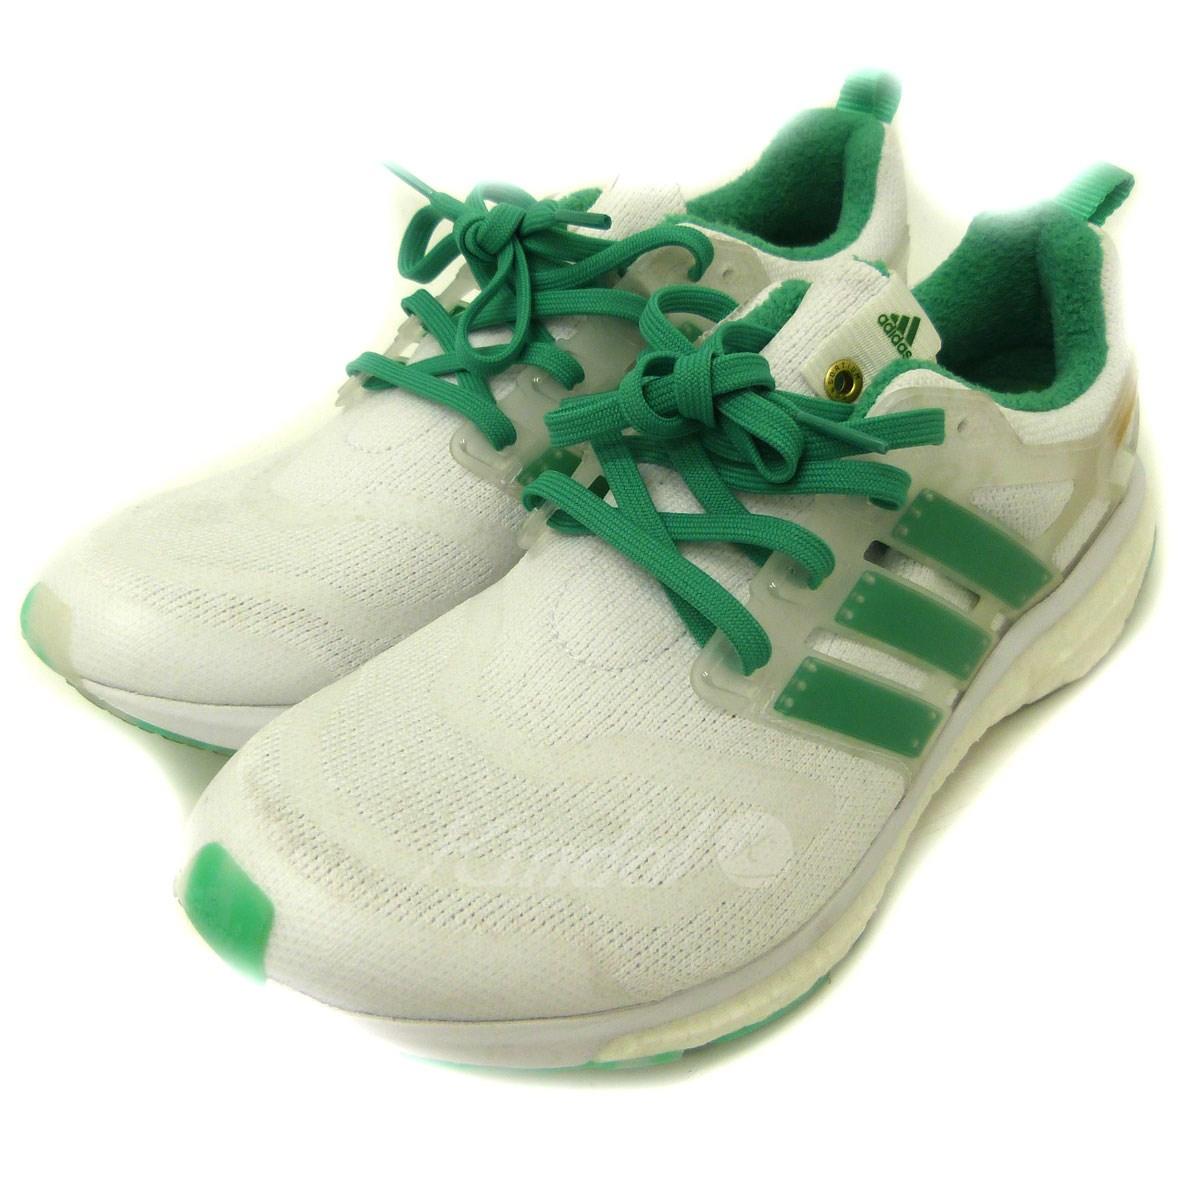 【中古】adidas Consotium×CONCEPTS 「ENERGY BOOST SHIATS」スニーカー 【送料無料】 【103099】 【KIND1641】